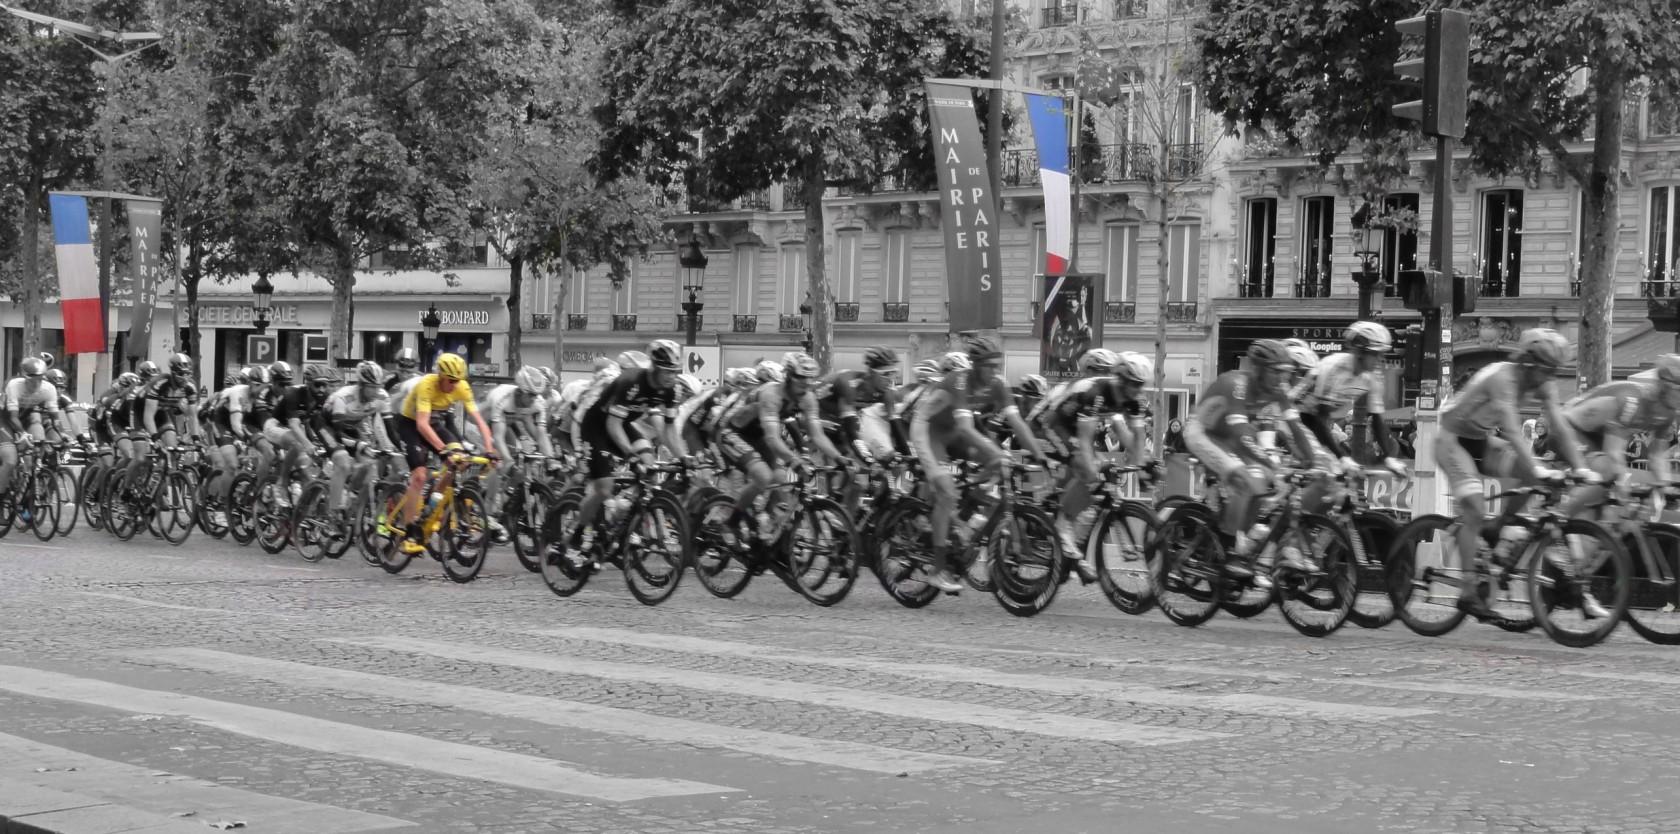 7/15-29   ツール・ド・フランス2019観戦ツアー  ピレネー、アルプス、パリ観戦